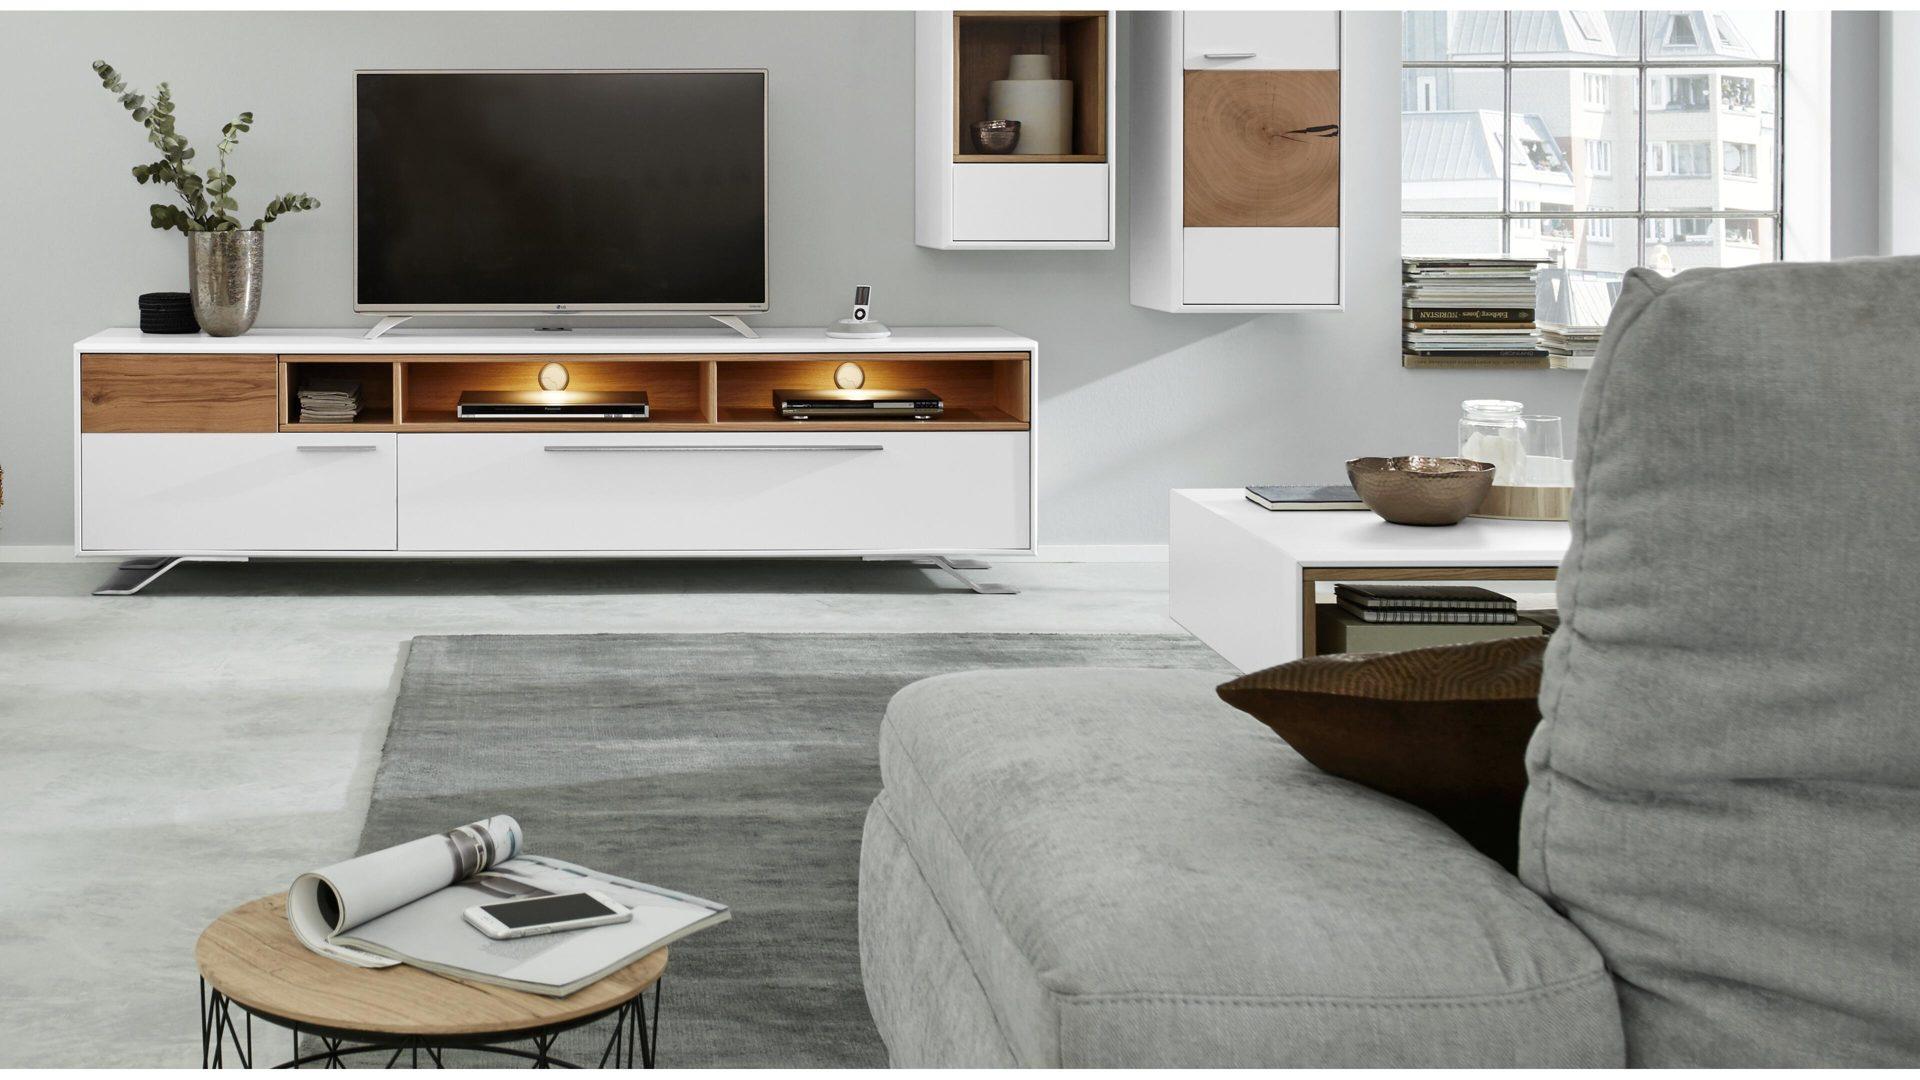 lowboard die hausmarke il aus holz in holzfarben interliving wohnzimmer serie 2102 medienboard helles